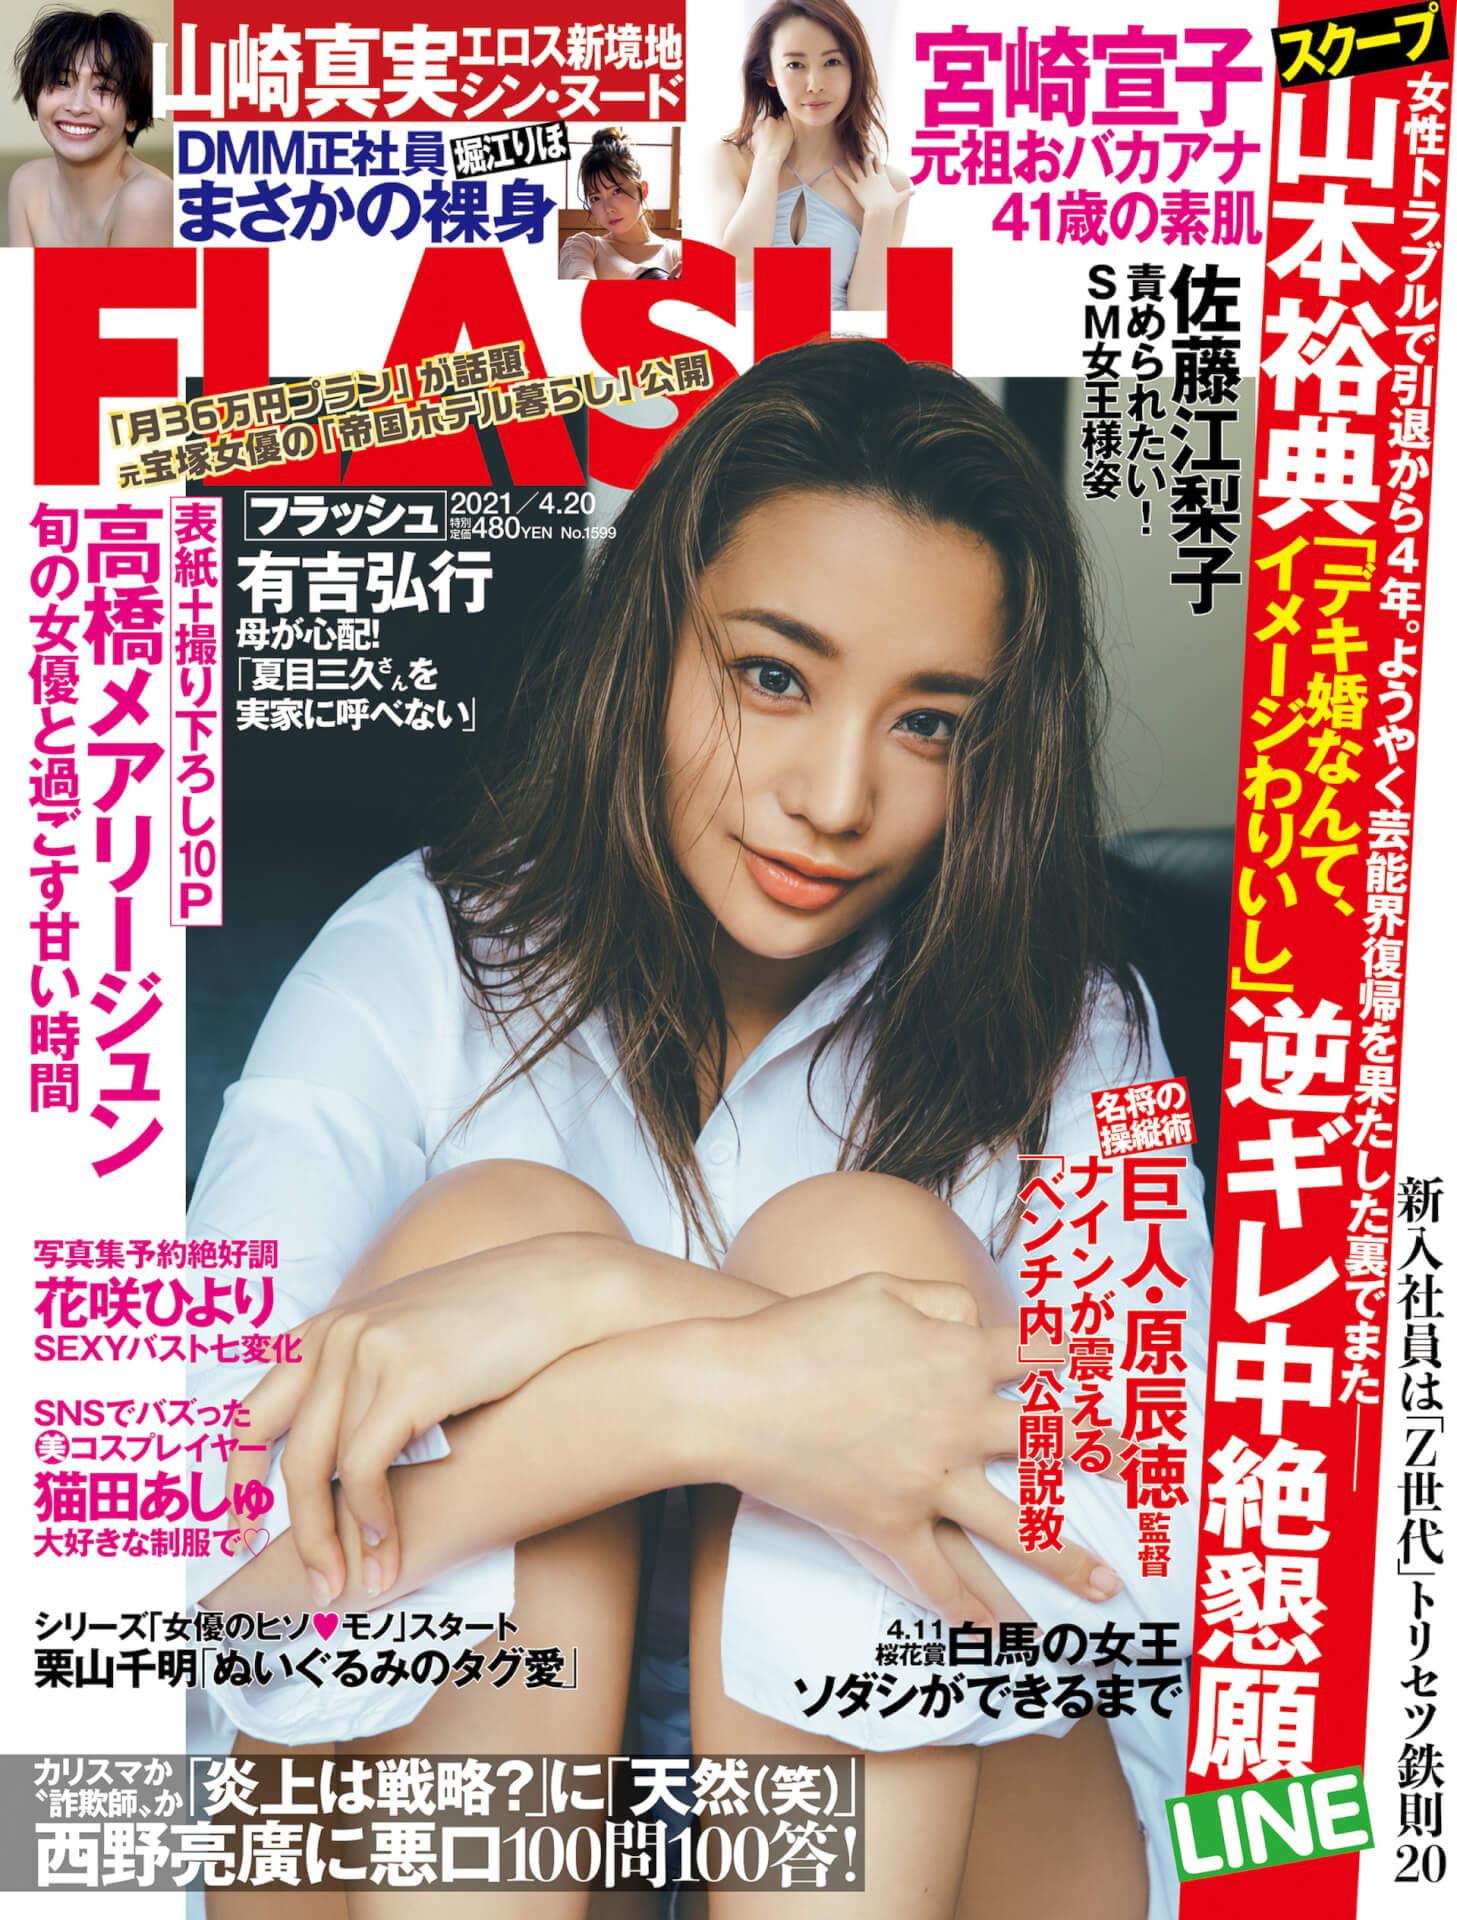 高橋メアリージュンが妖艶な生足で魅せる!『FLASH』の表紙&巻頭グラビアに登場 art210406_flash_1